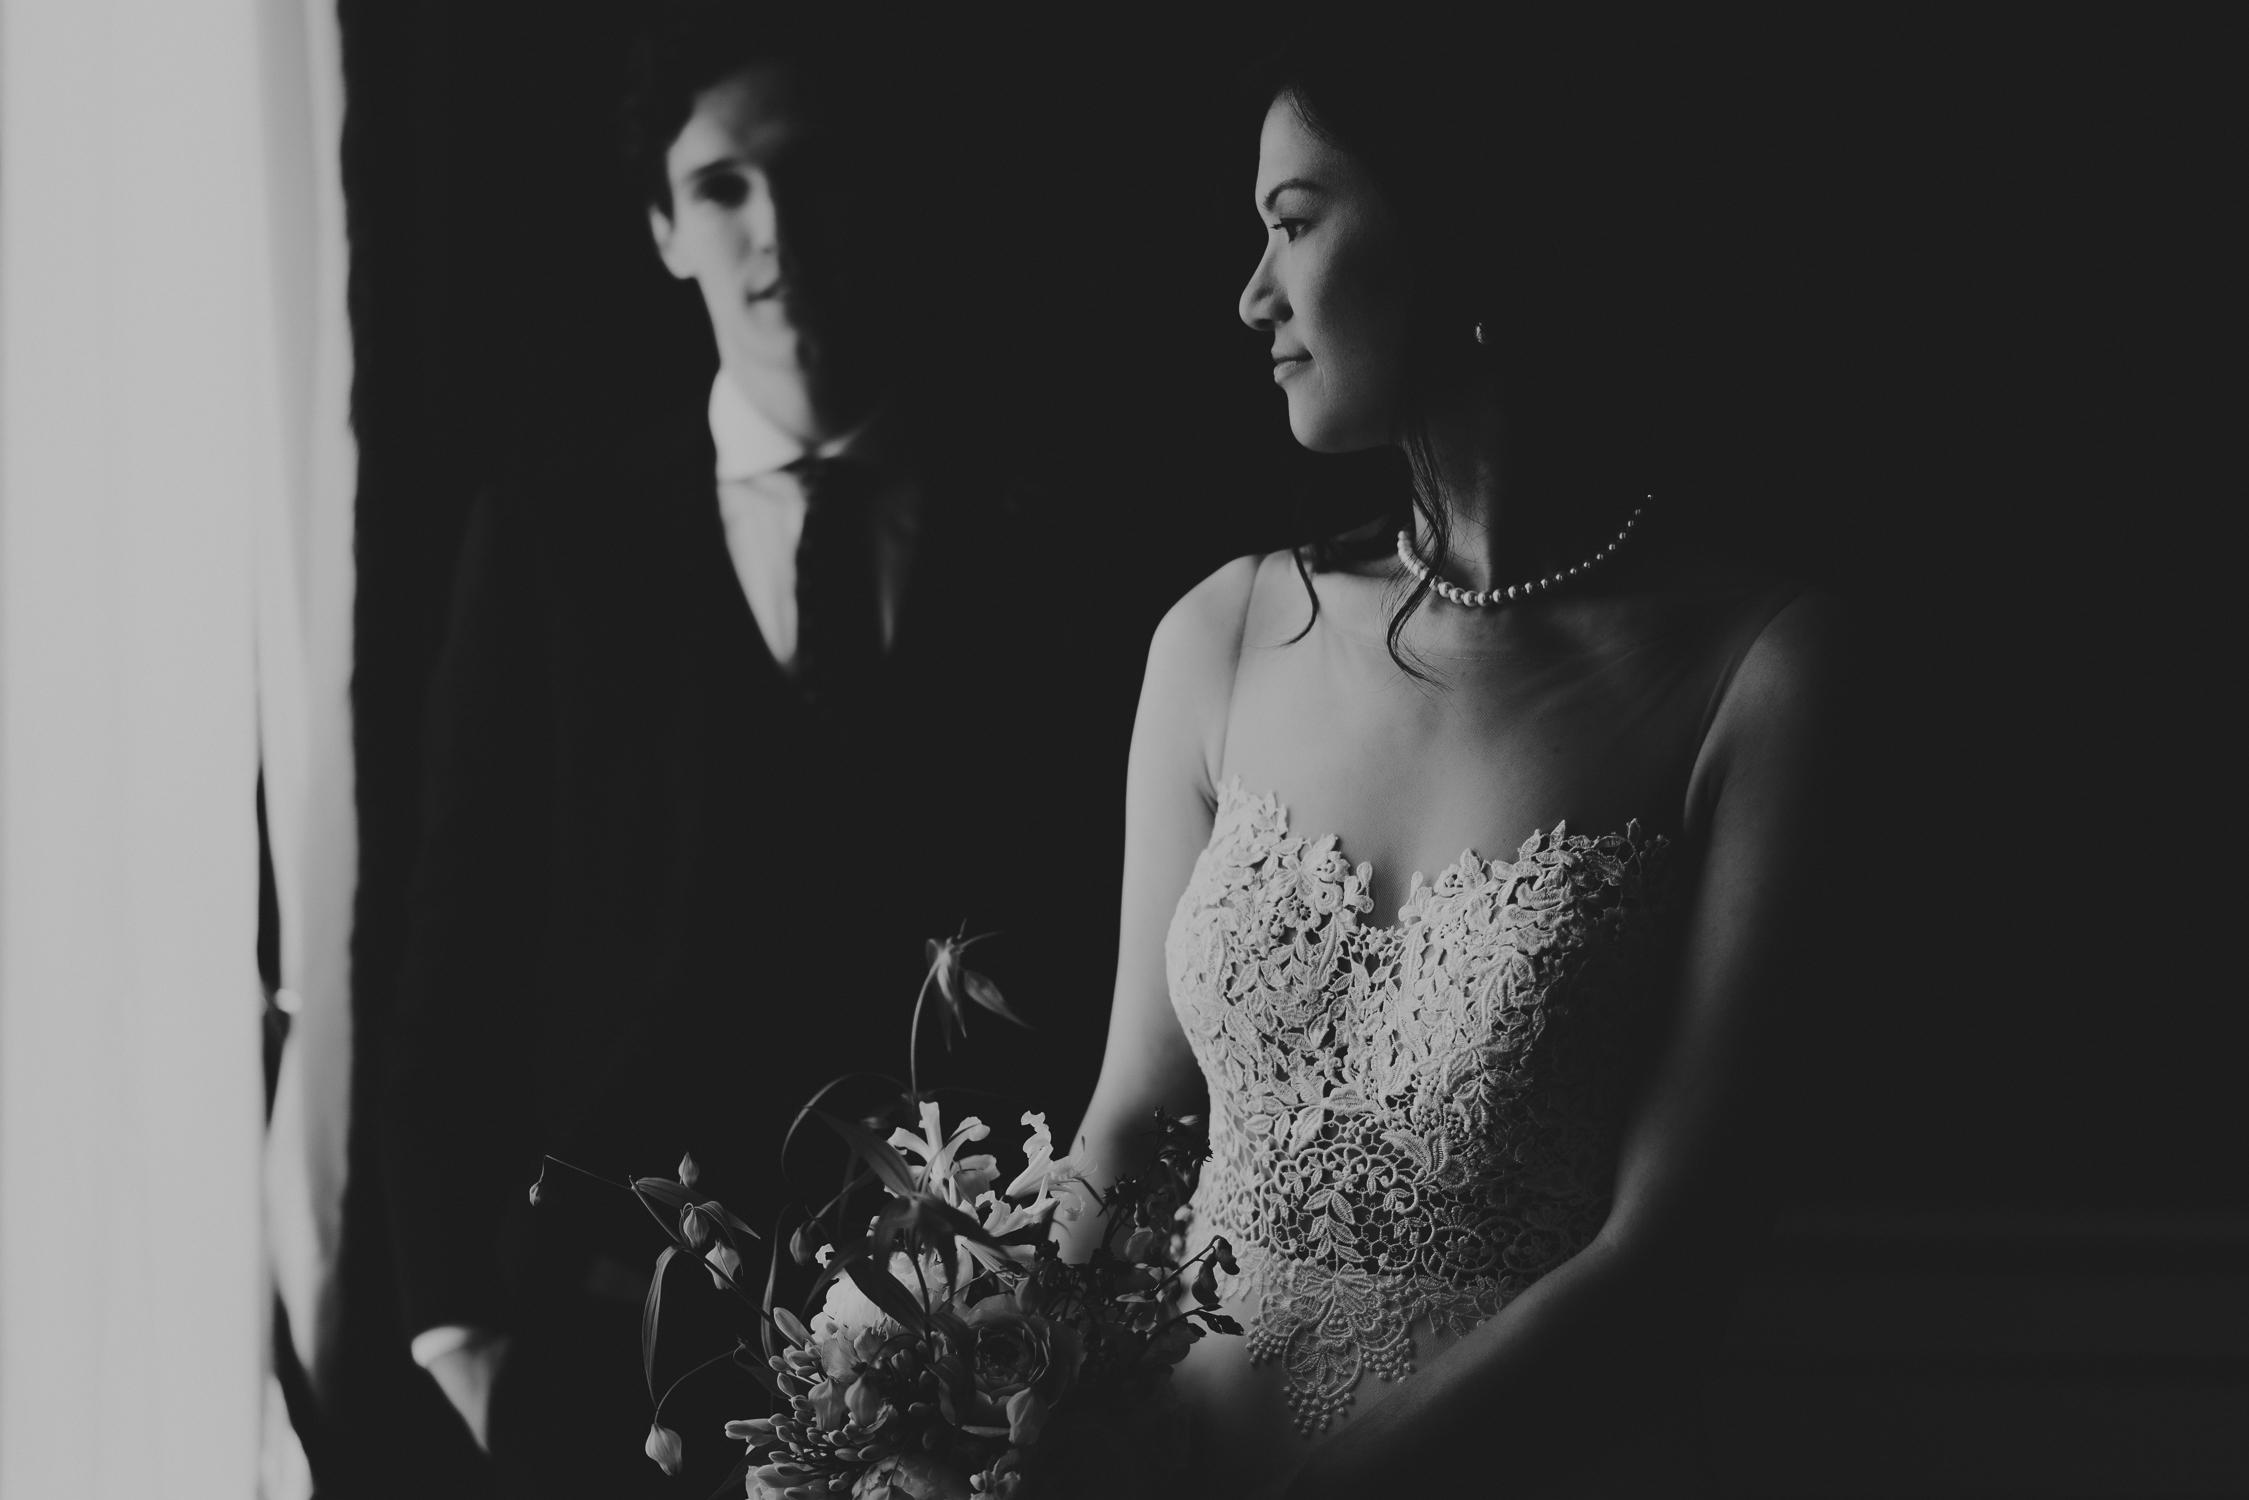 amsterdam wedding photography bridal portrait by mark hadden bruidsfotograaf